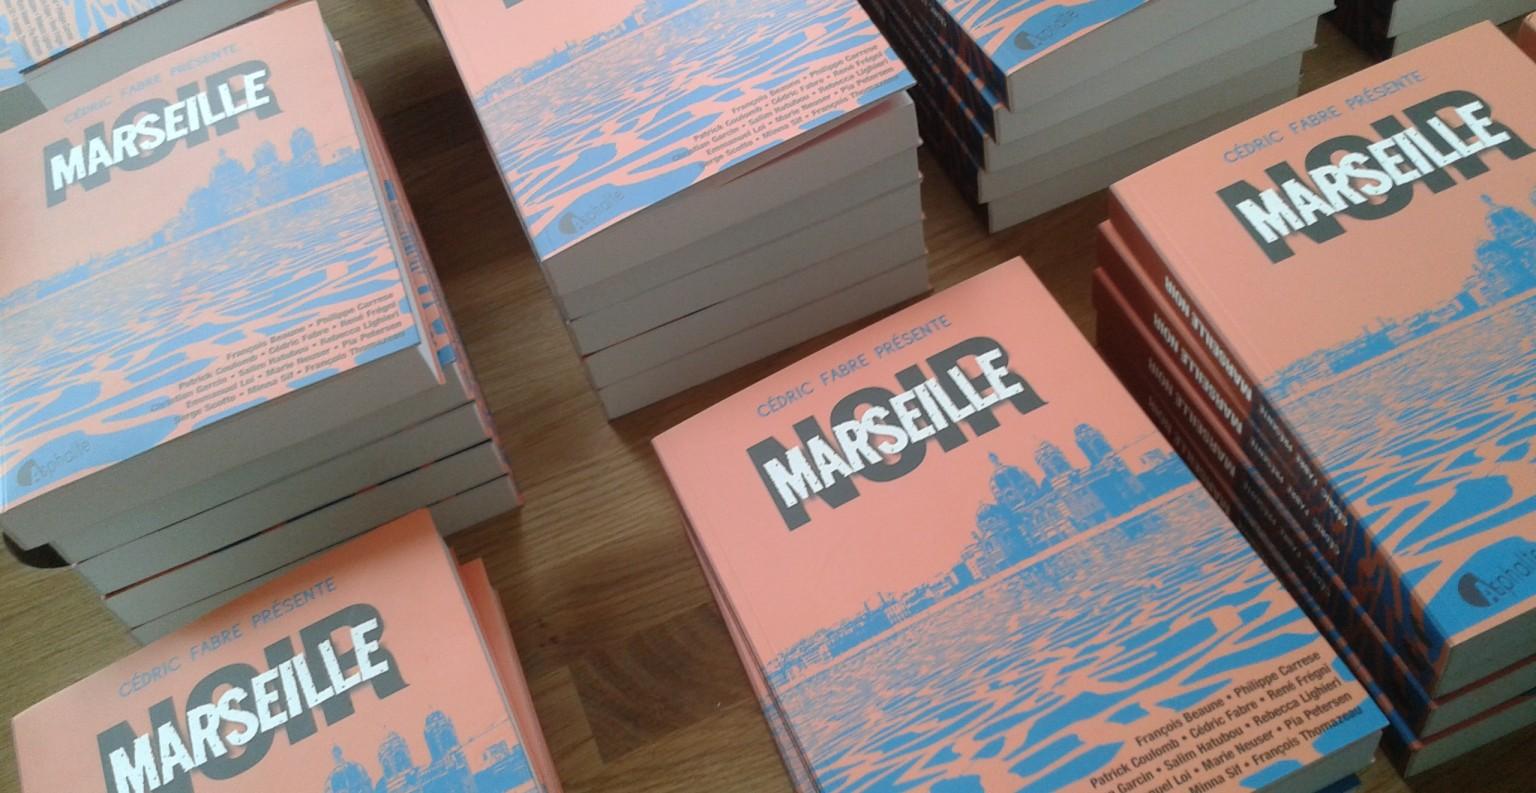 Marseille Noir ©MD